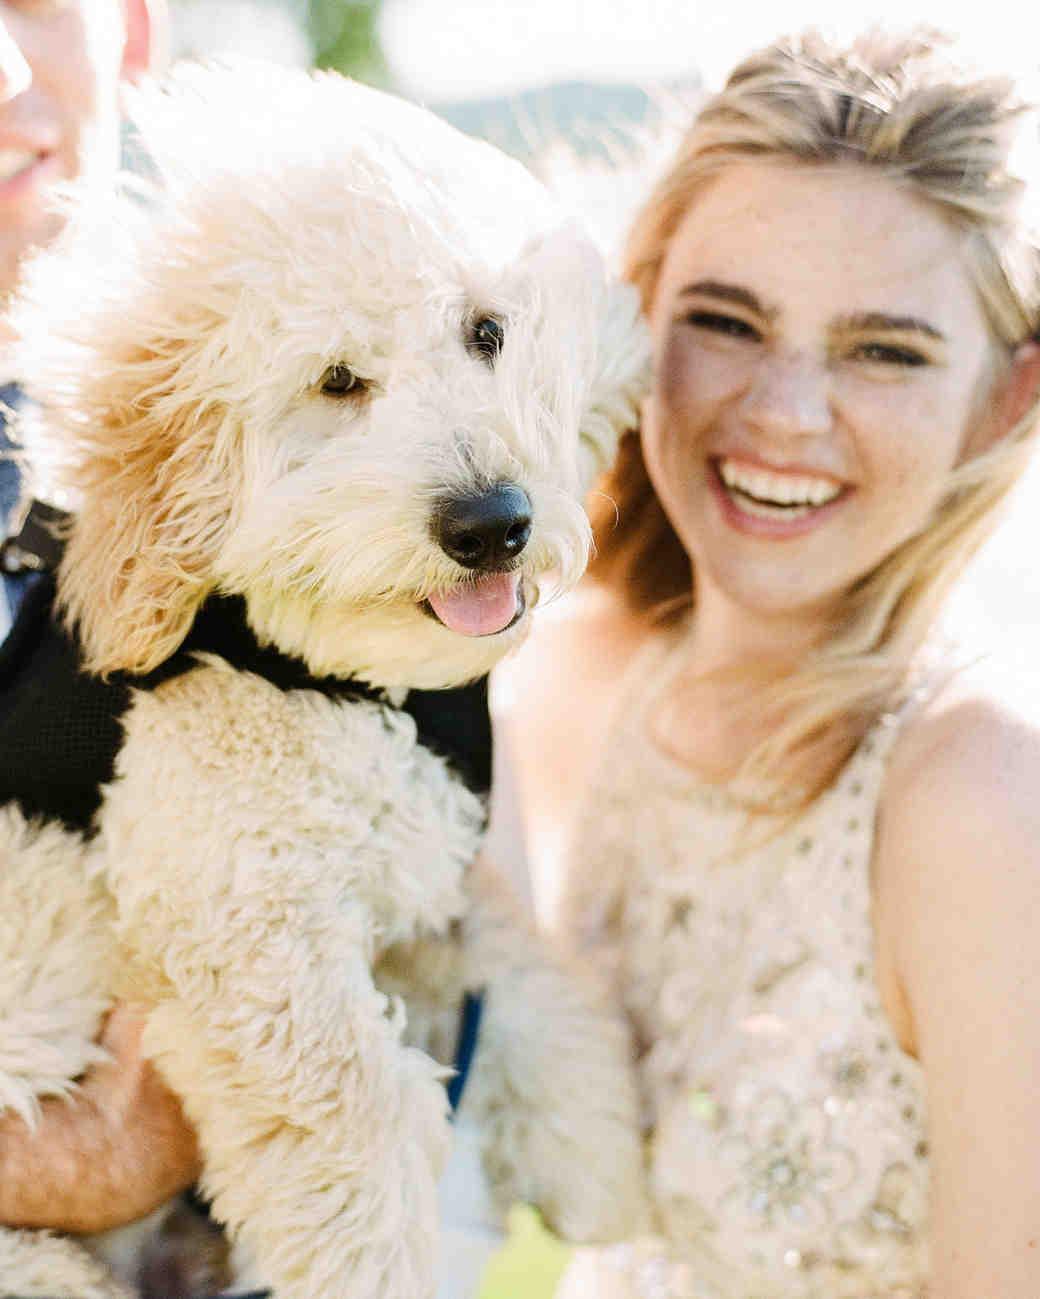 izzy tom wedding dog